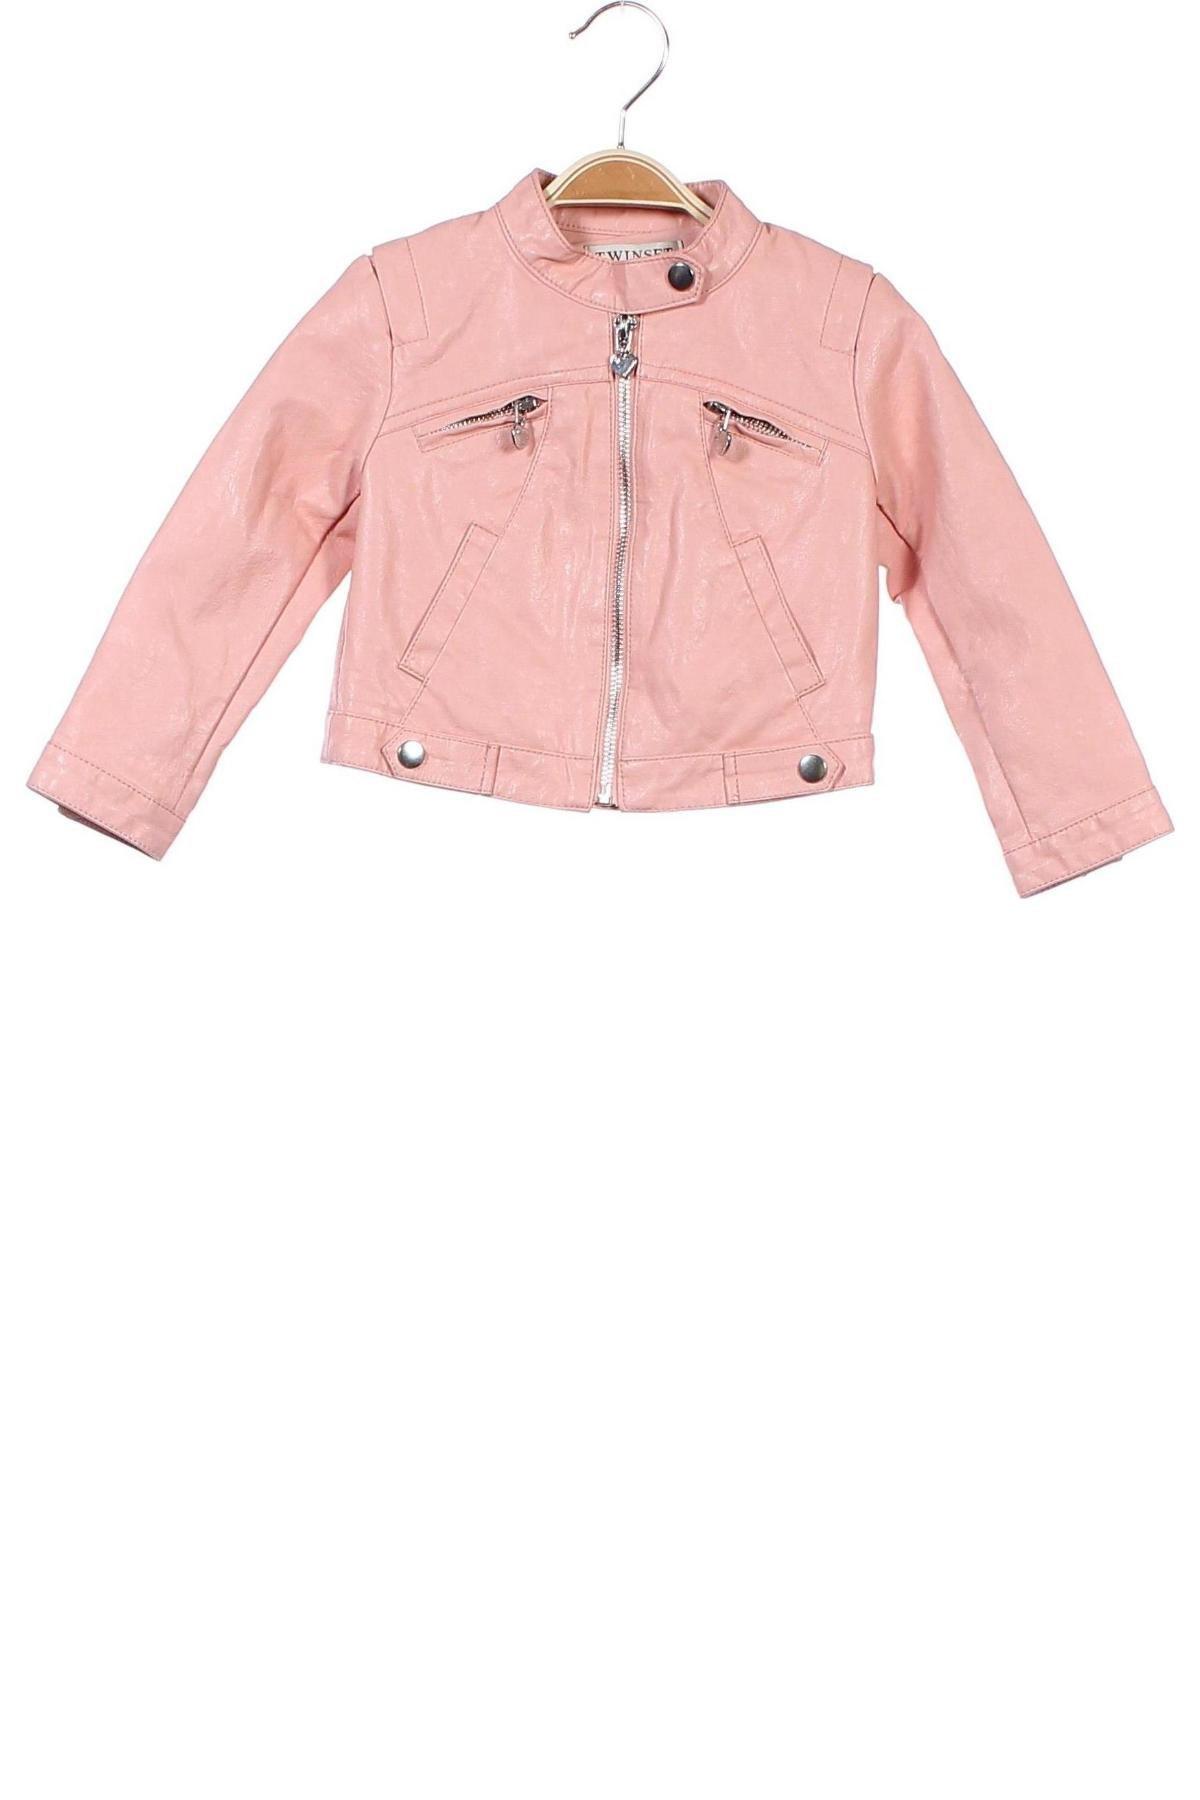 Παιδικό δερμάτινο μπουφάν TWINSET, Μέγεθος 18-24m/ 86-98 εκ., Χρώμα Ρόζ , Δερματίνη, Τιμή 32,29€